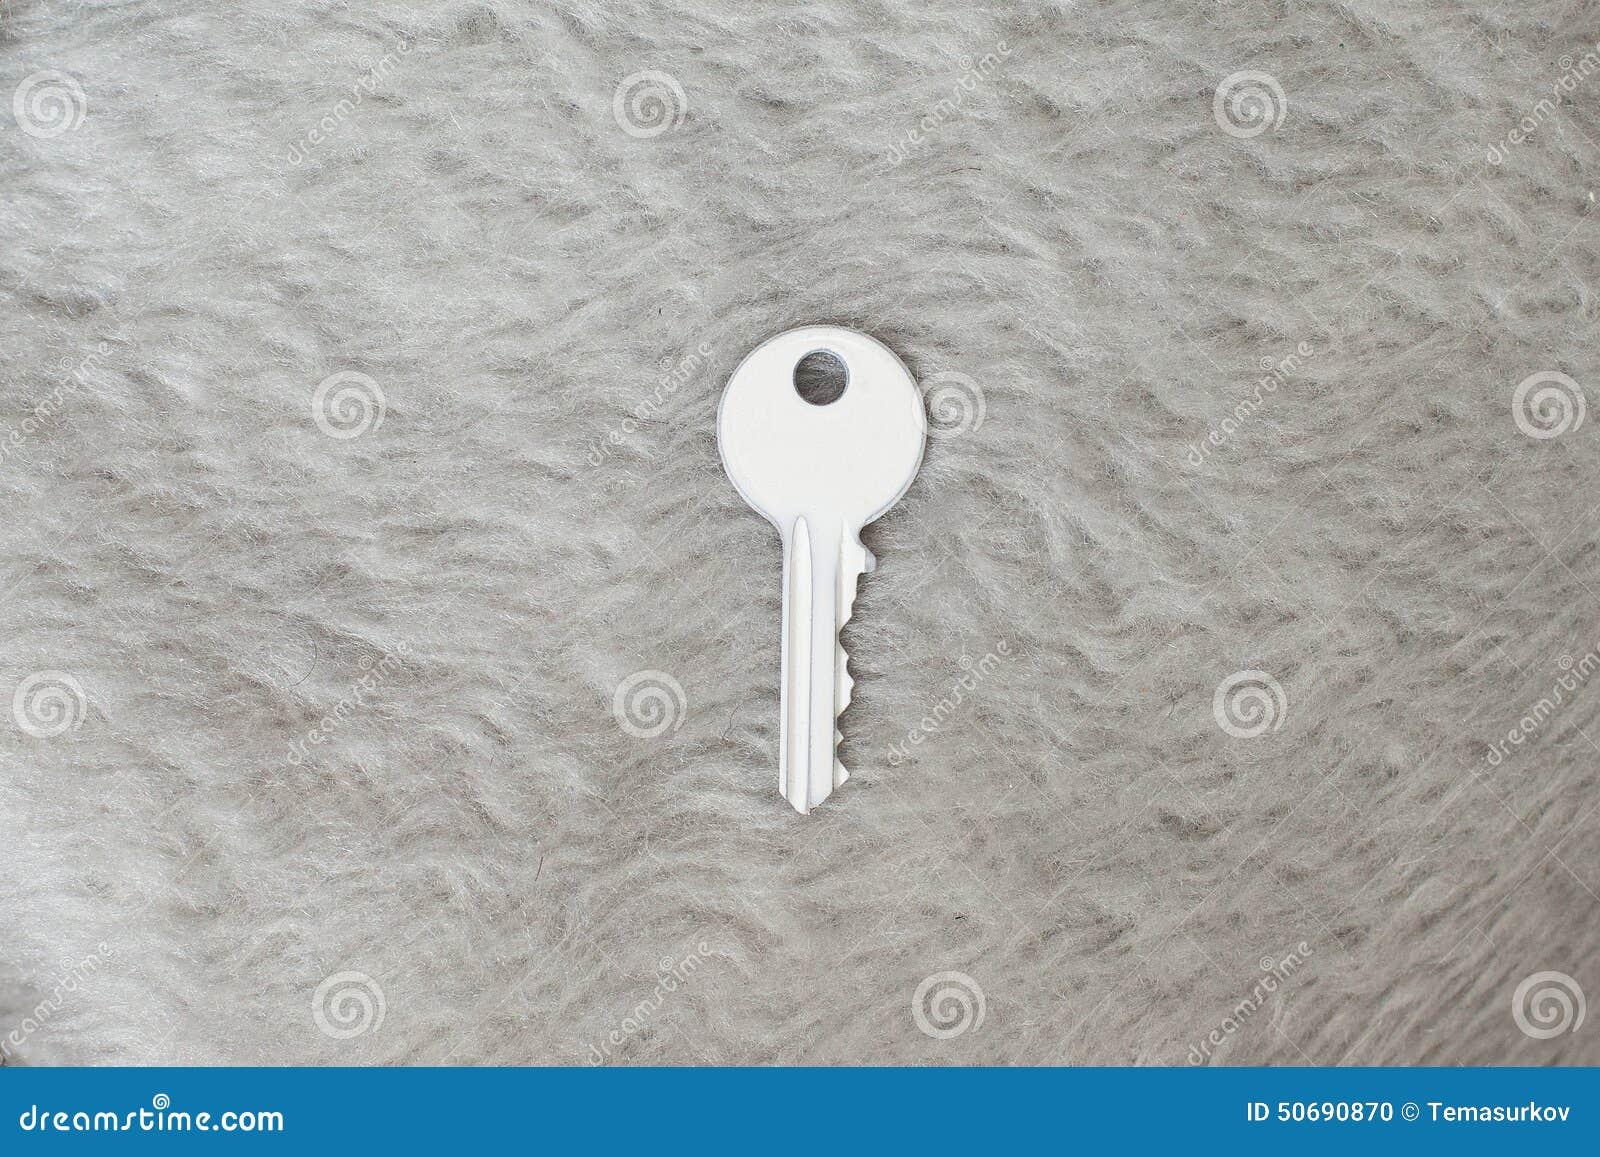 Download 在毛皮的白色钥匙 库存照片. 图片 包括有 设计, 空白, 颜色, 纹理, 材料, 超现实主义, 对象, 关键字 - 50690870